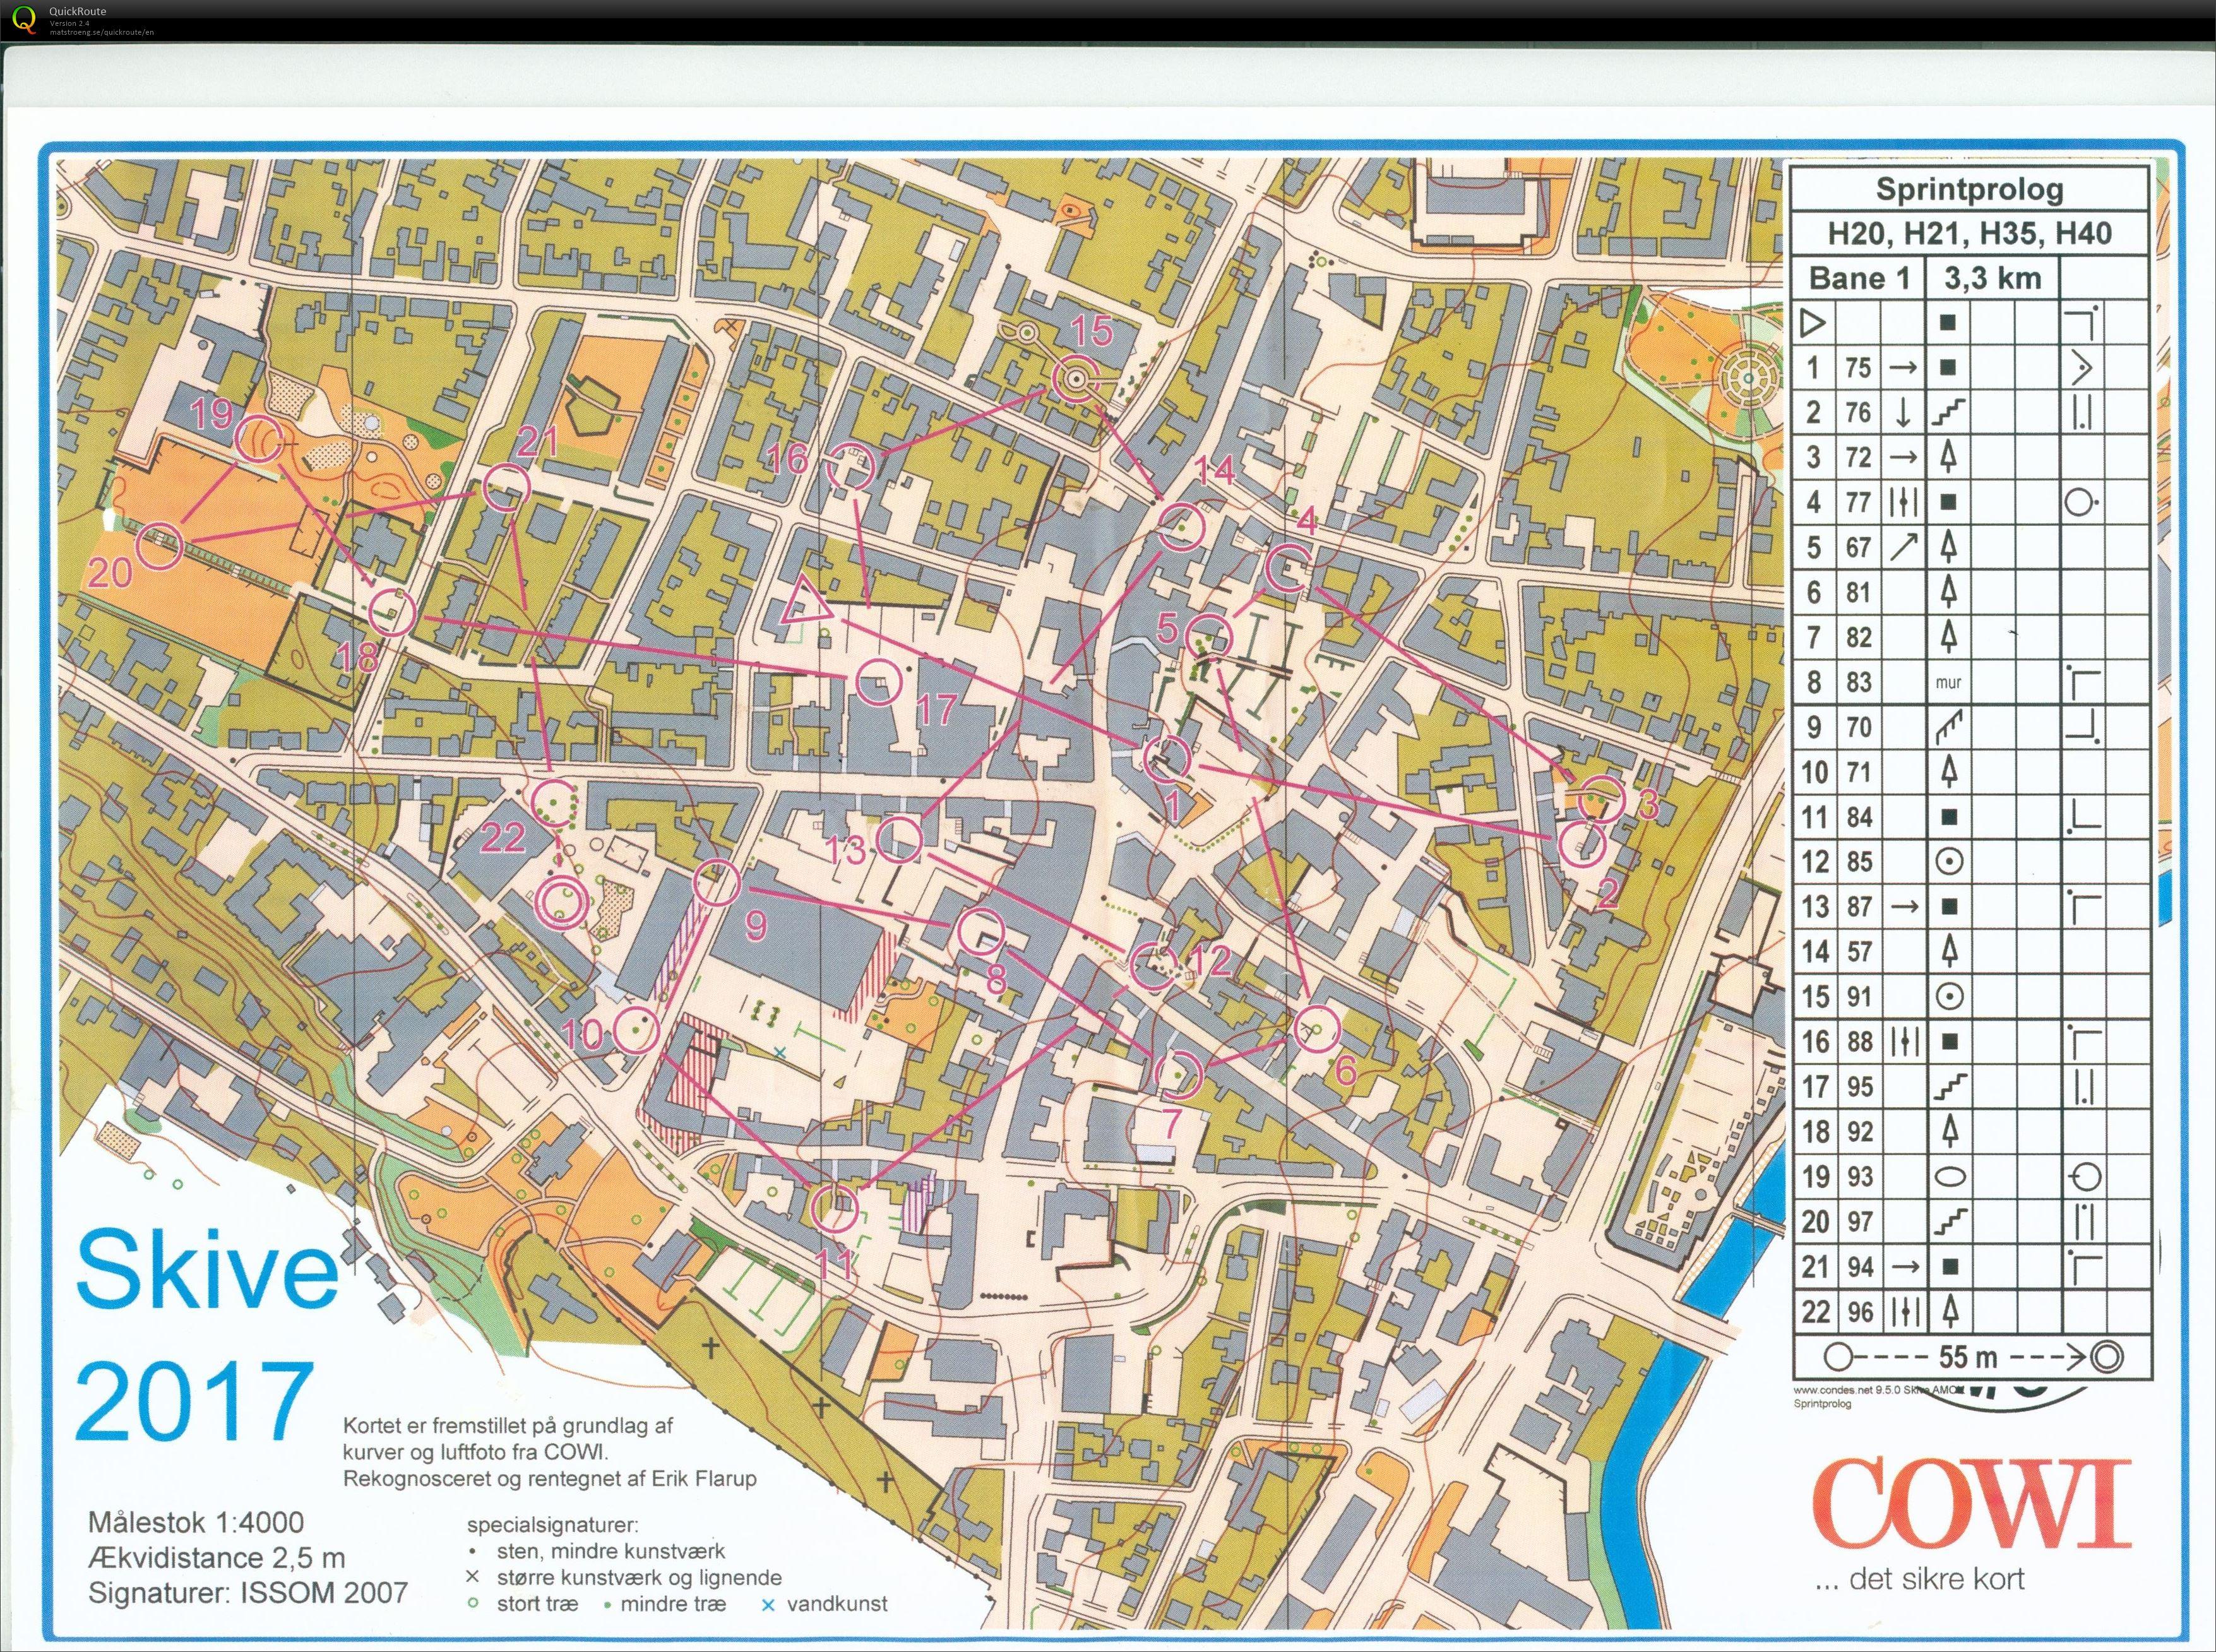 Skive by sprint H35 June 10th 2017 Orienteering Map from Keld Gade